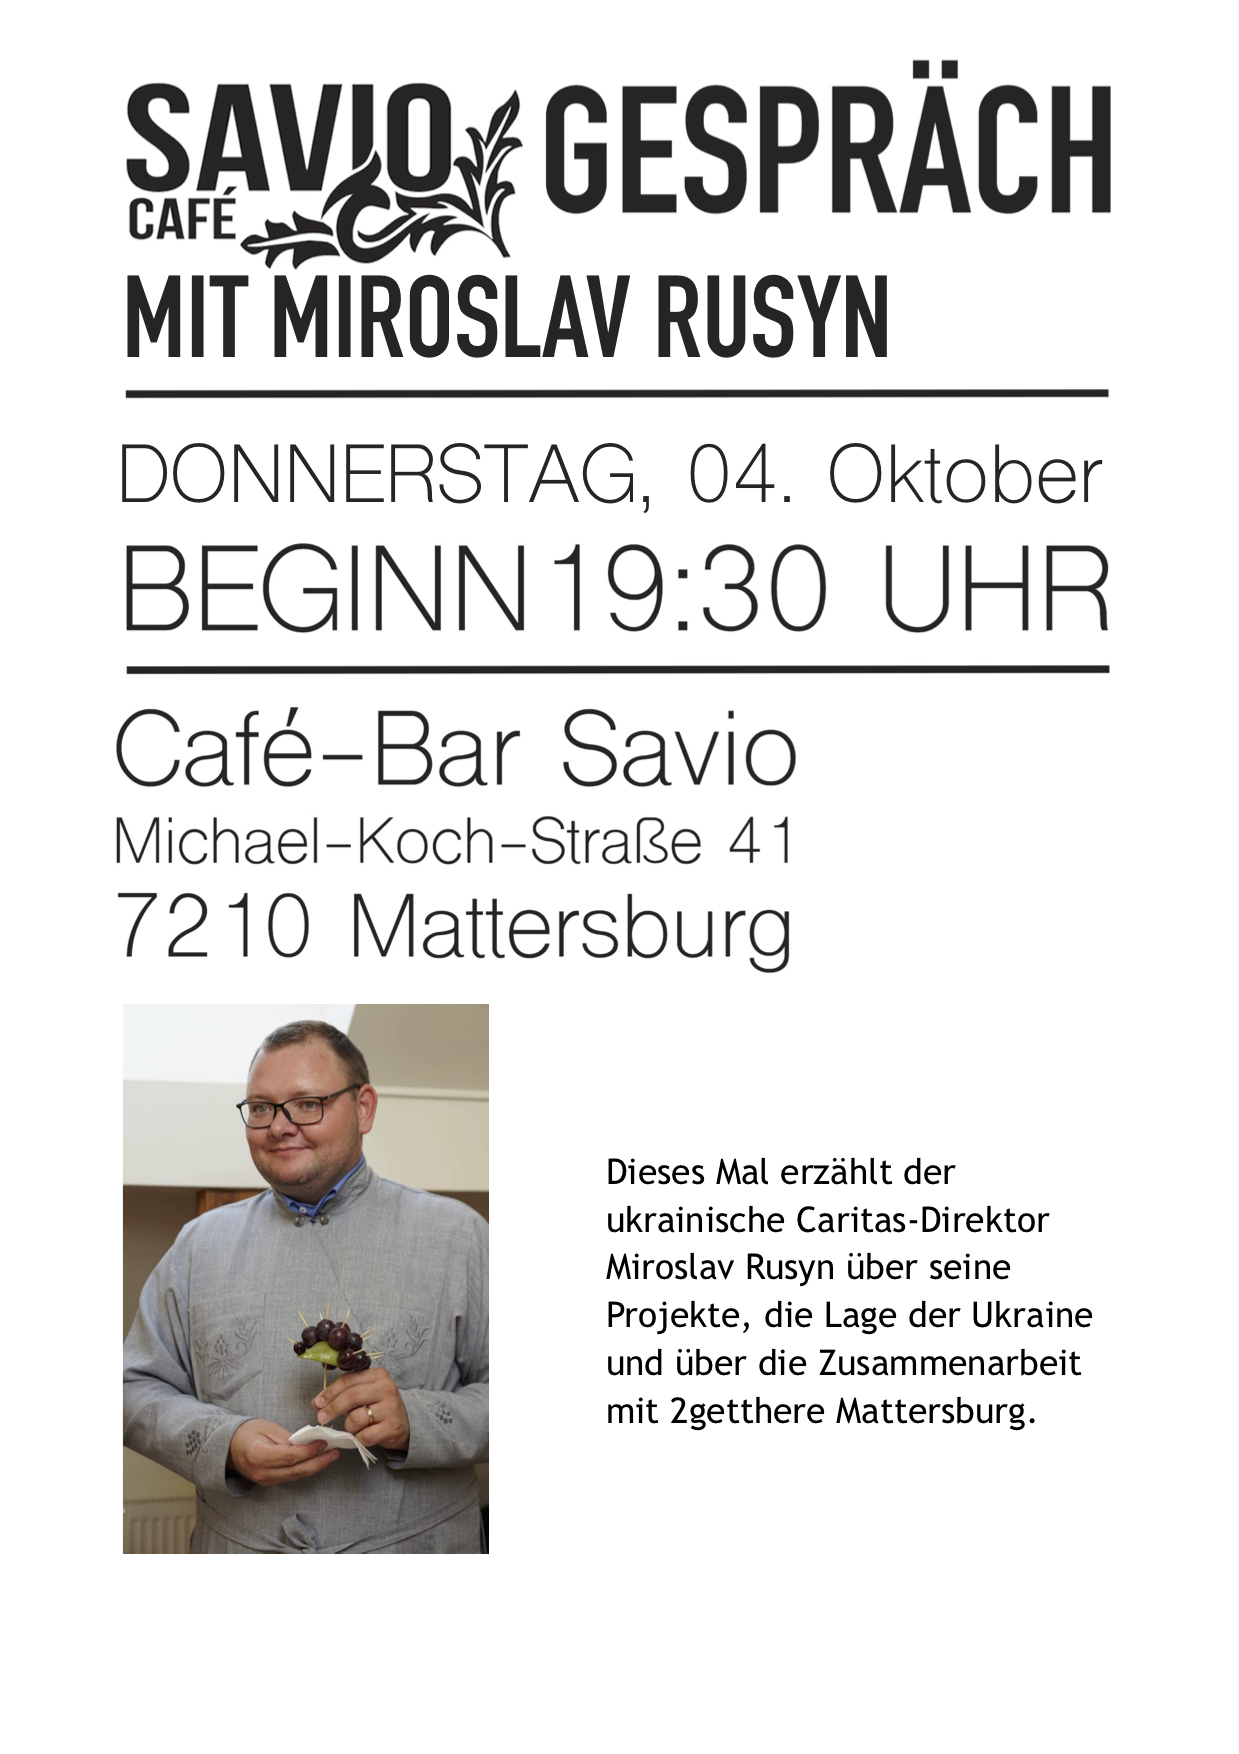 Savio Gespräch Miroslav